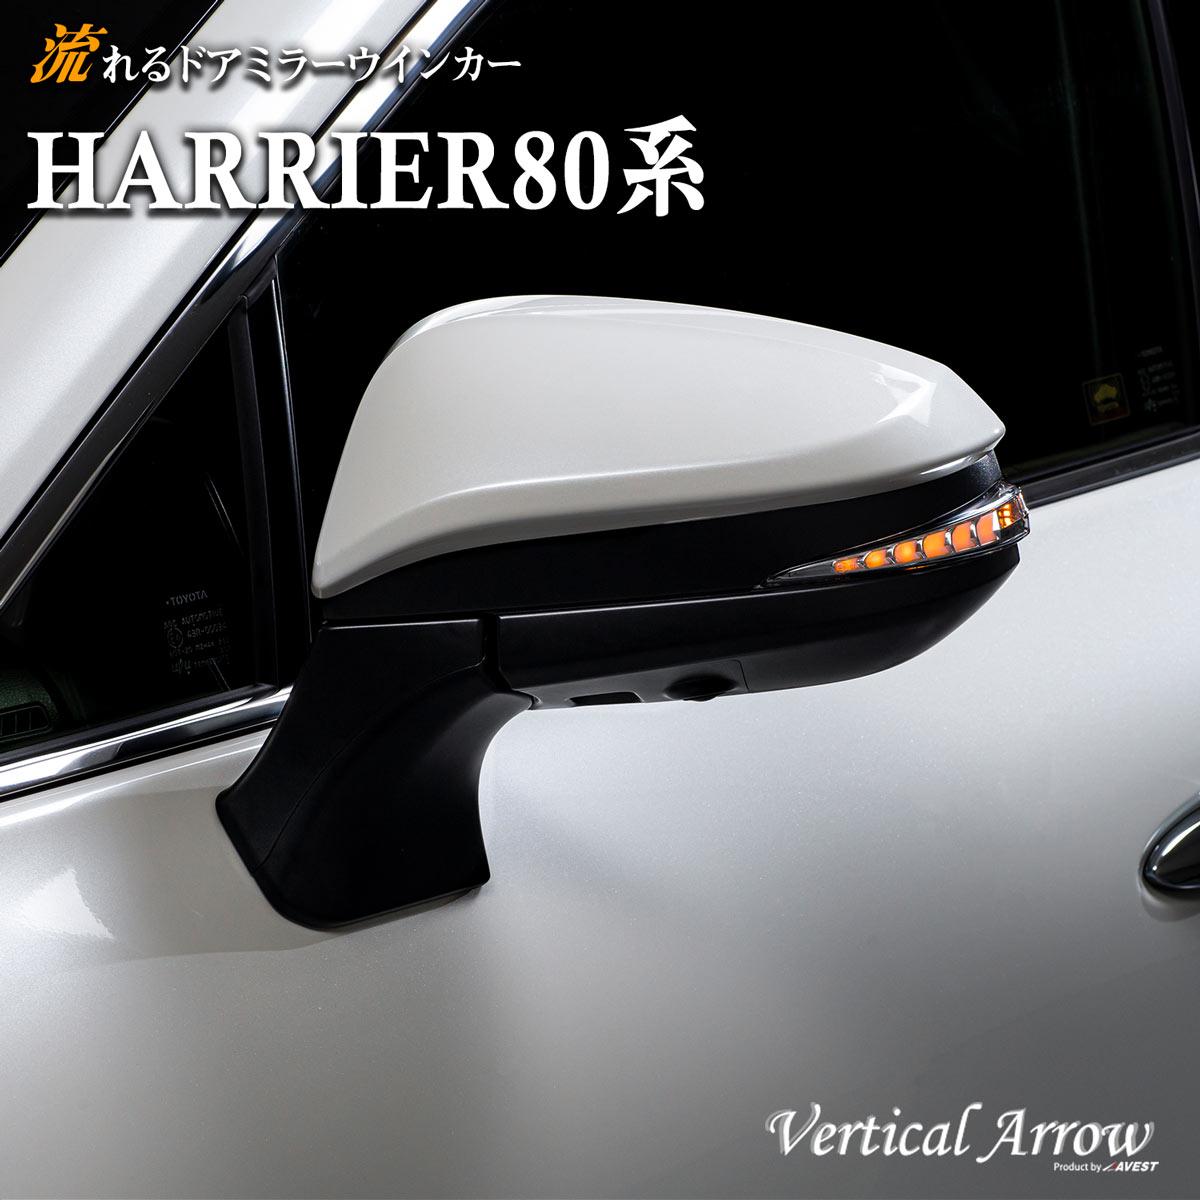 外装・エアロパーツ, ドアミラー  80 HARRIER MXUA80 MXUA85 TOYOTA AVEST VerticalArrow TypeZs